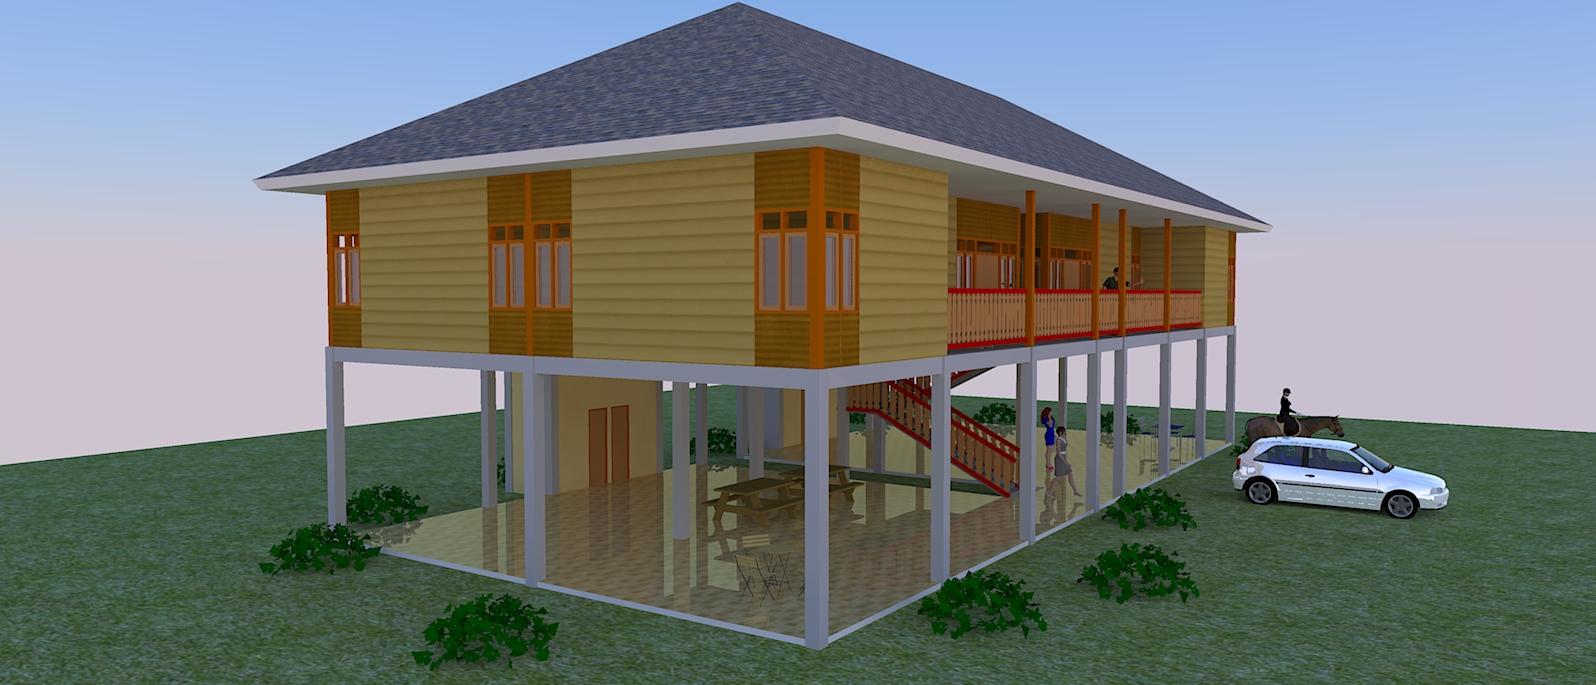 Rumah Kayu Kavling Kebun Jasa Pembuatan Site Plan